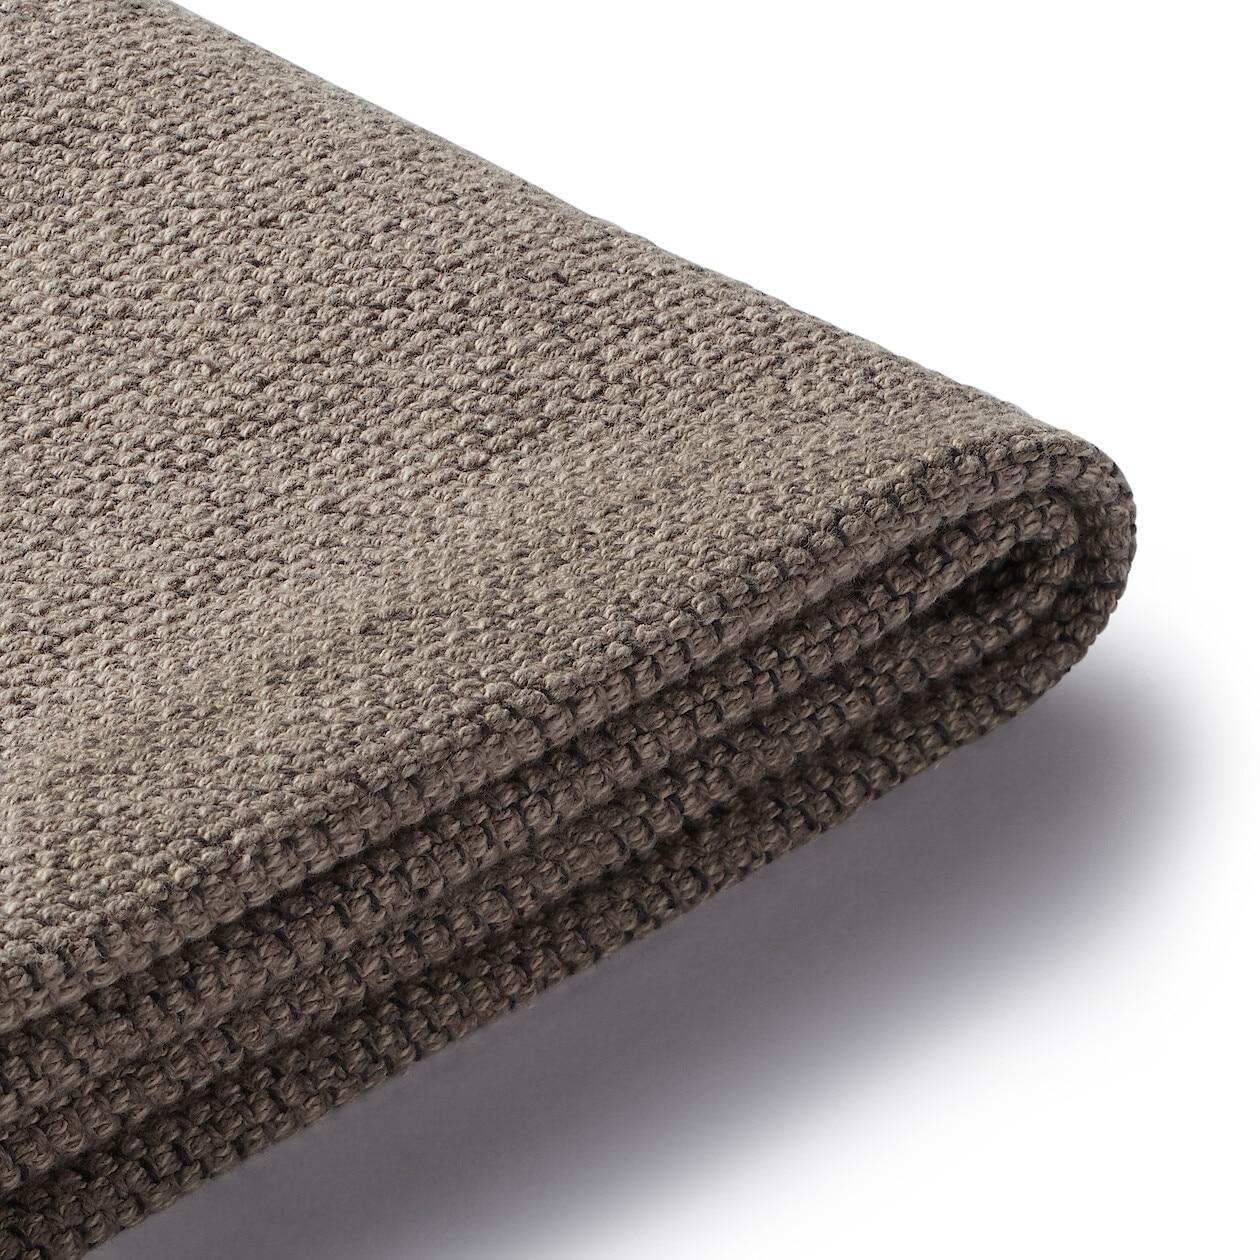 綿太番手ハイバックリクライニングソファ・1シーター用カバー/ブラウン